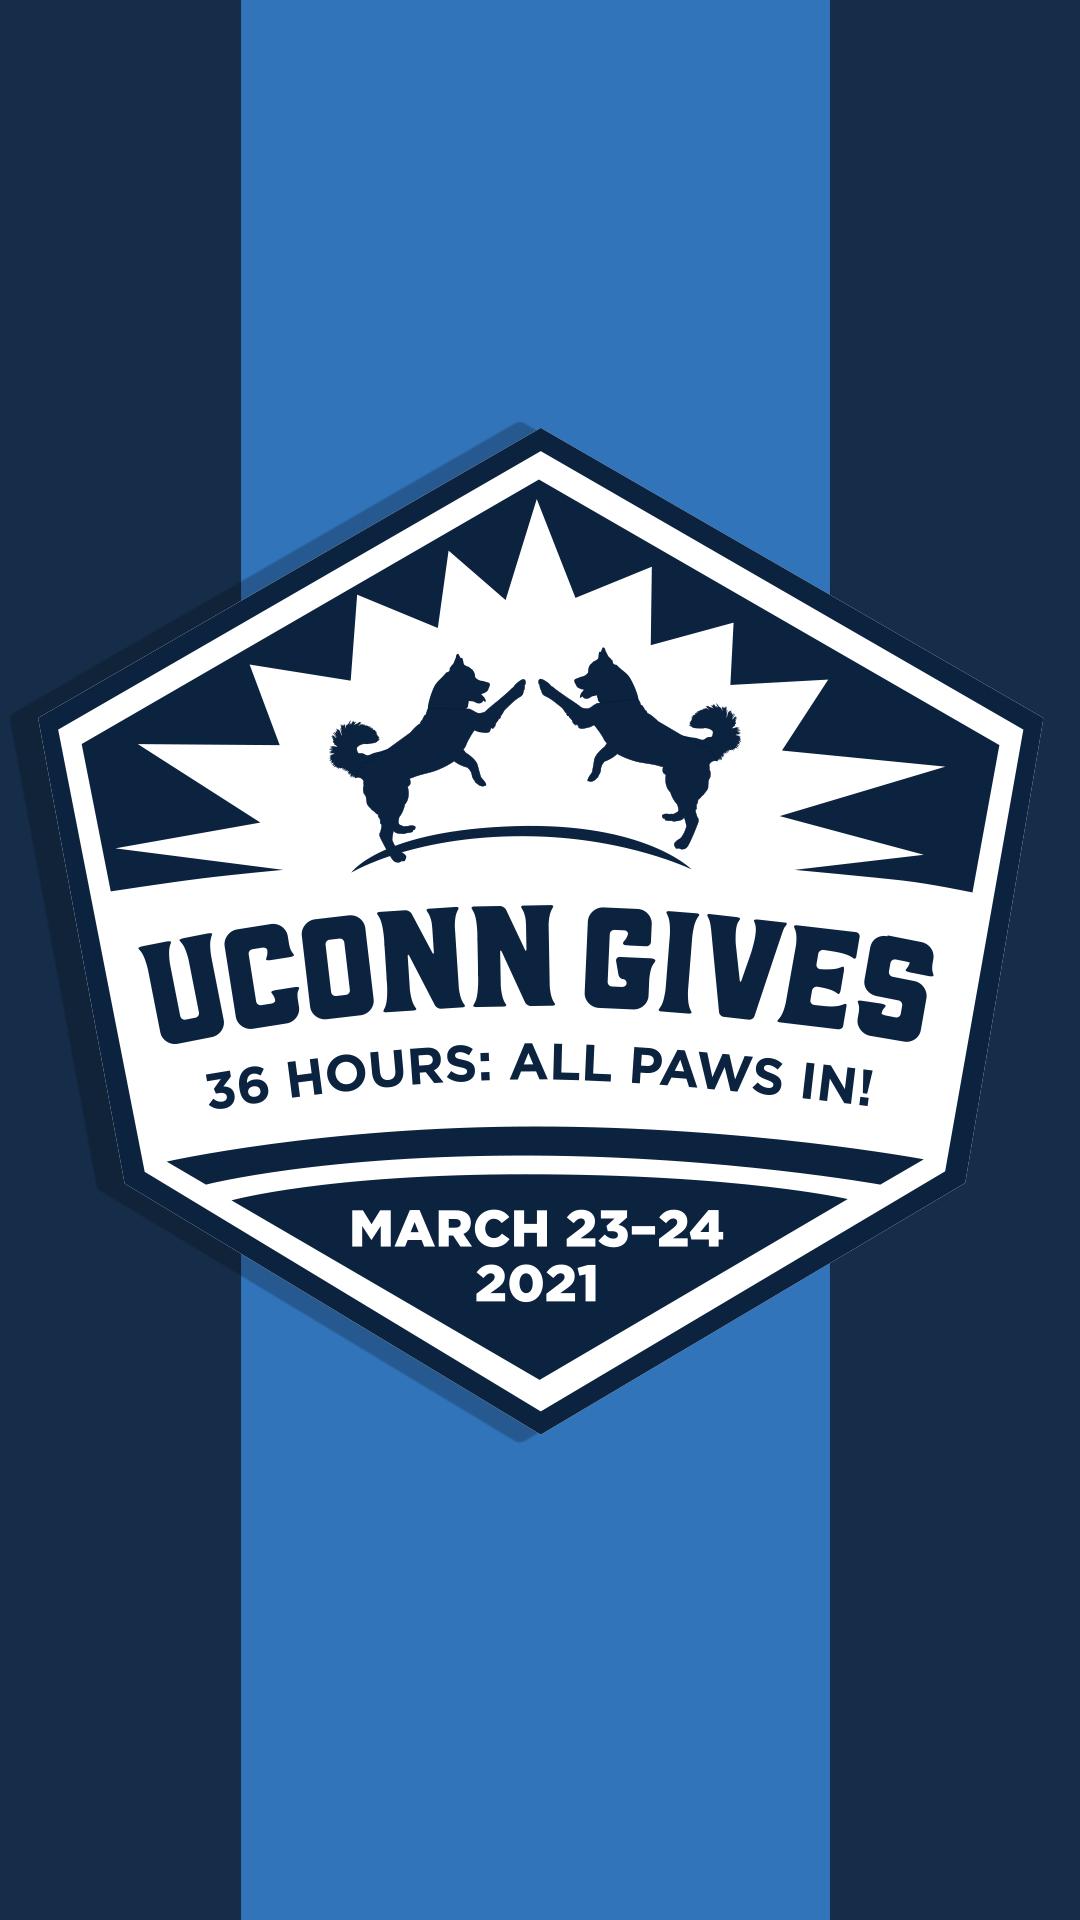 Uconn Gives